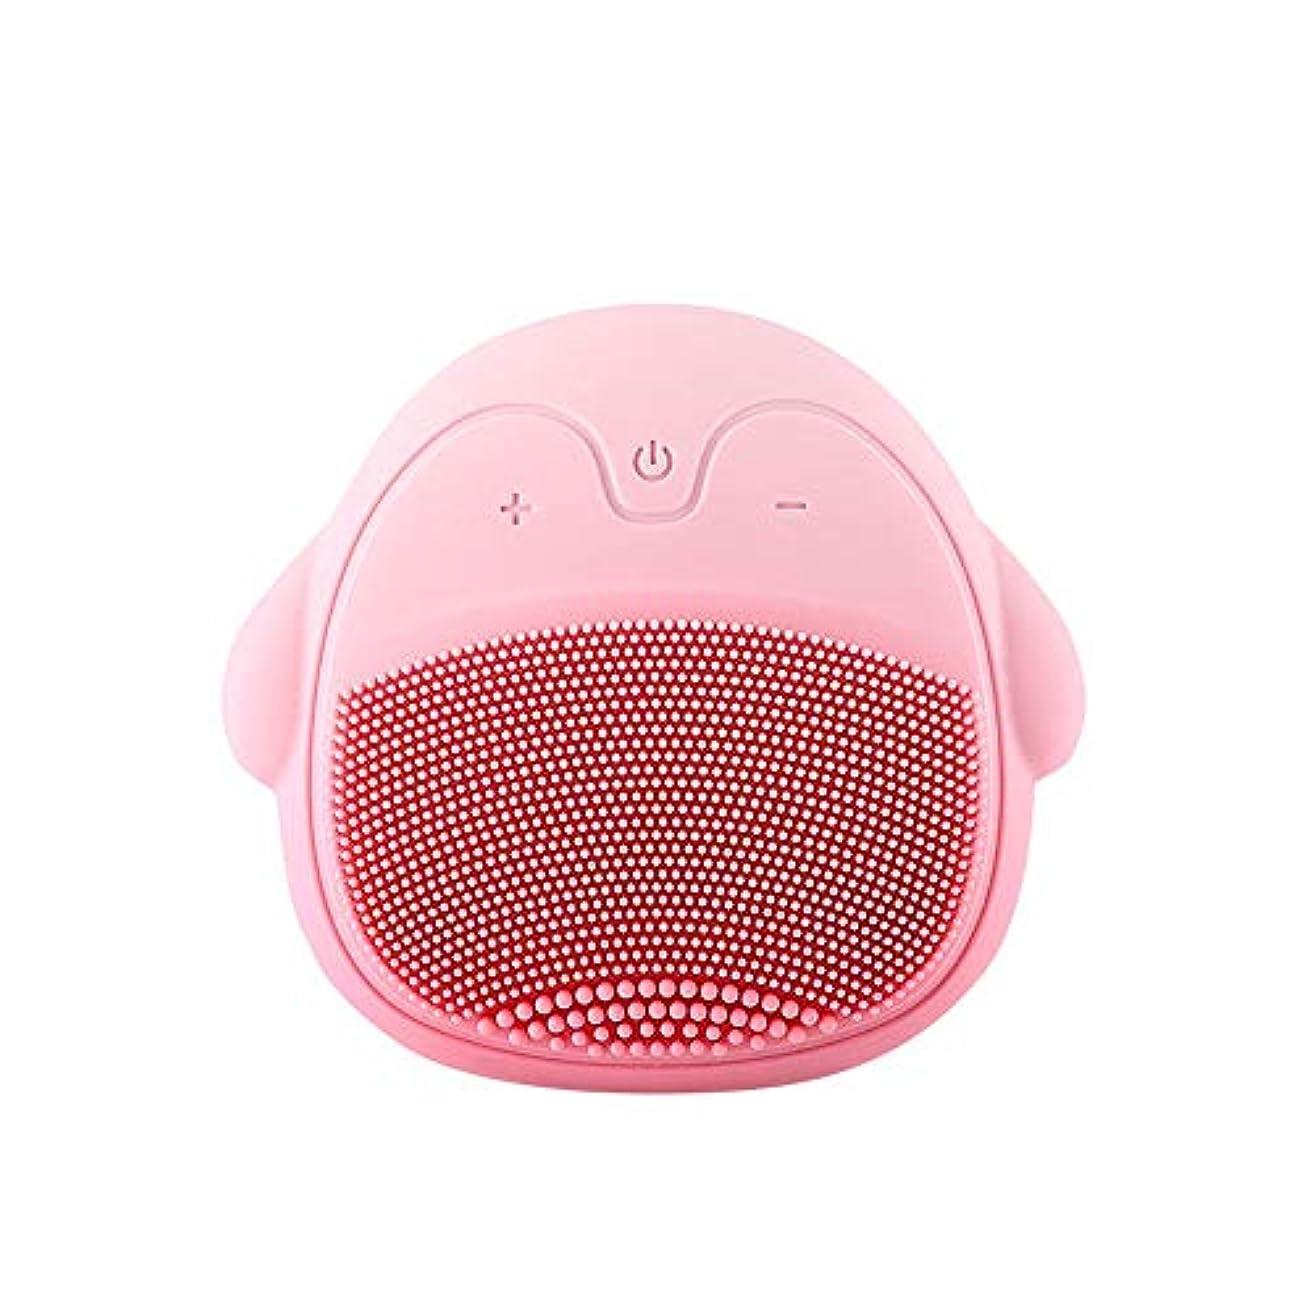 フレット肘パウダーシリコンフェイスブラシ、洗顔ブラシ、ディープクレンジング、スキンケア、かわいい、ピンク